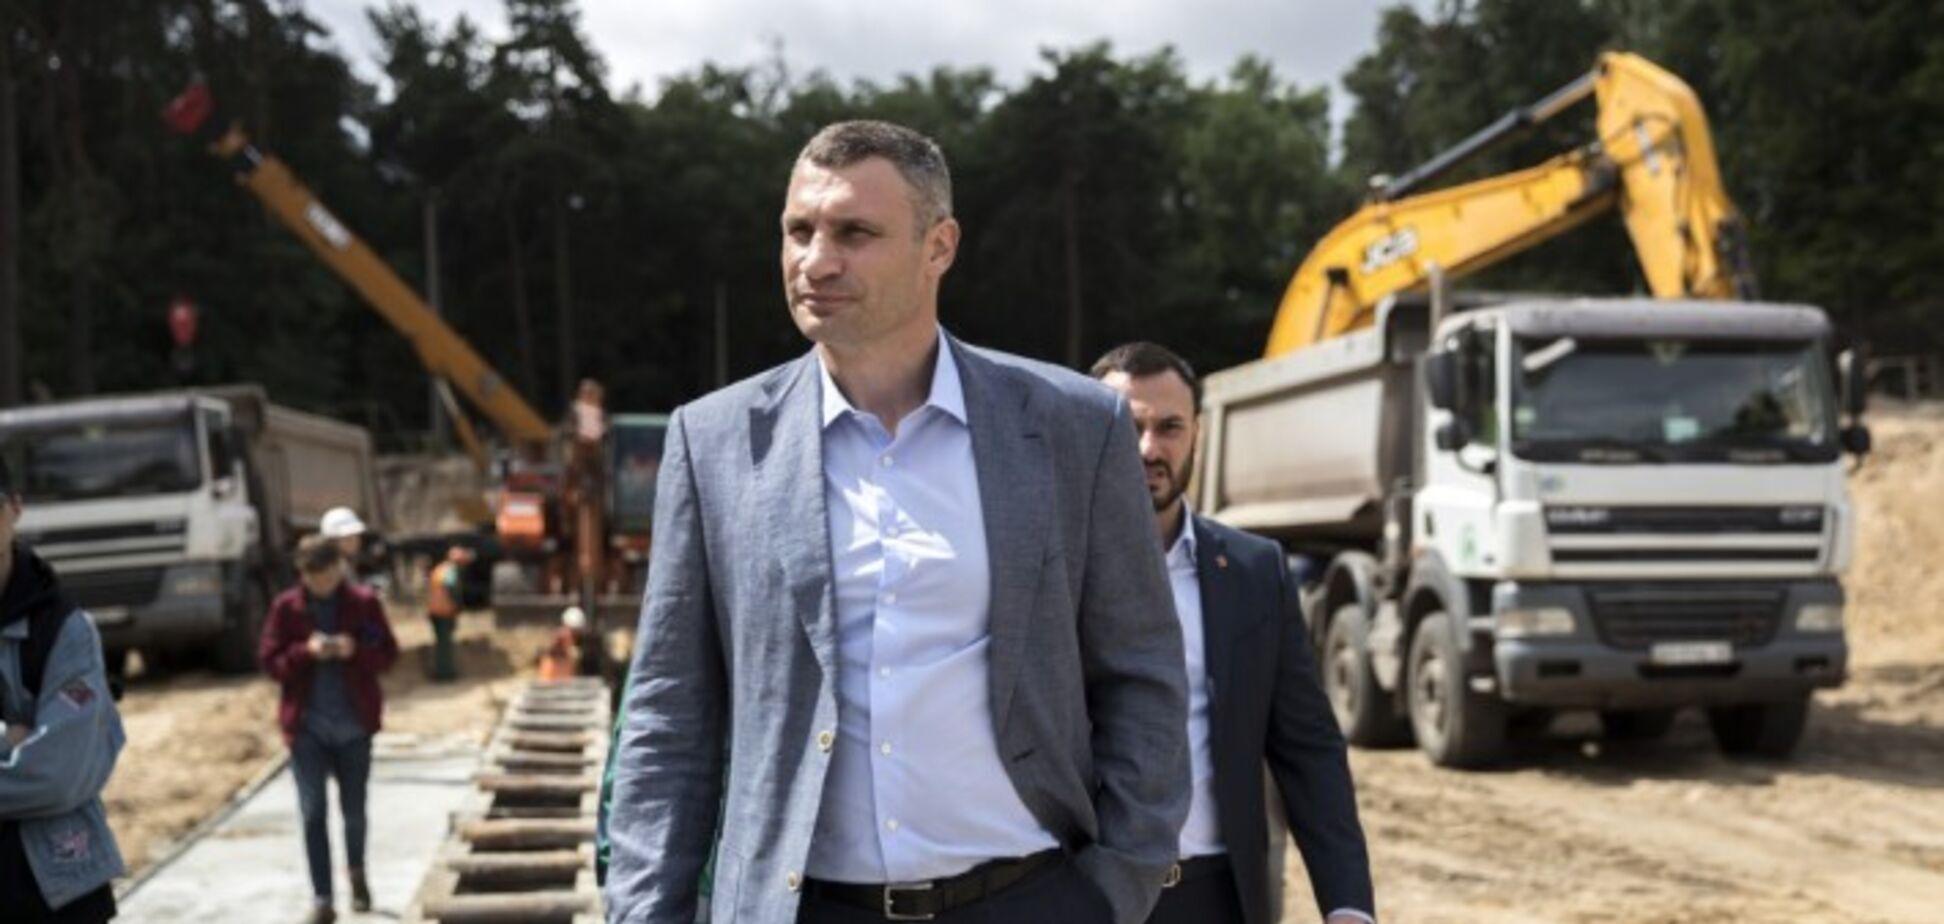 Кличко проинспектировал строительство метро на Виноградарь: названы даты открытия станций